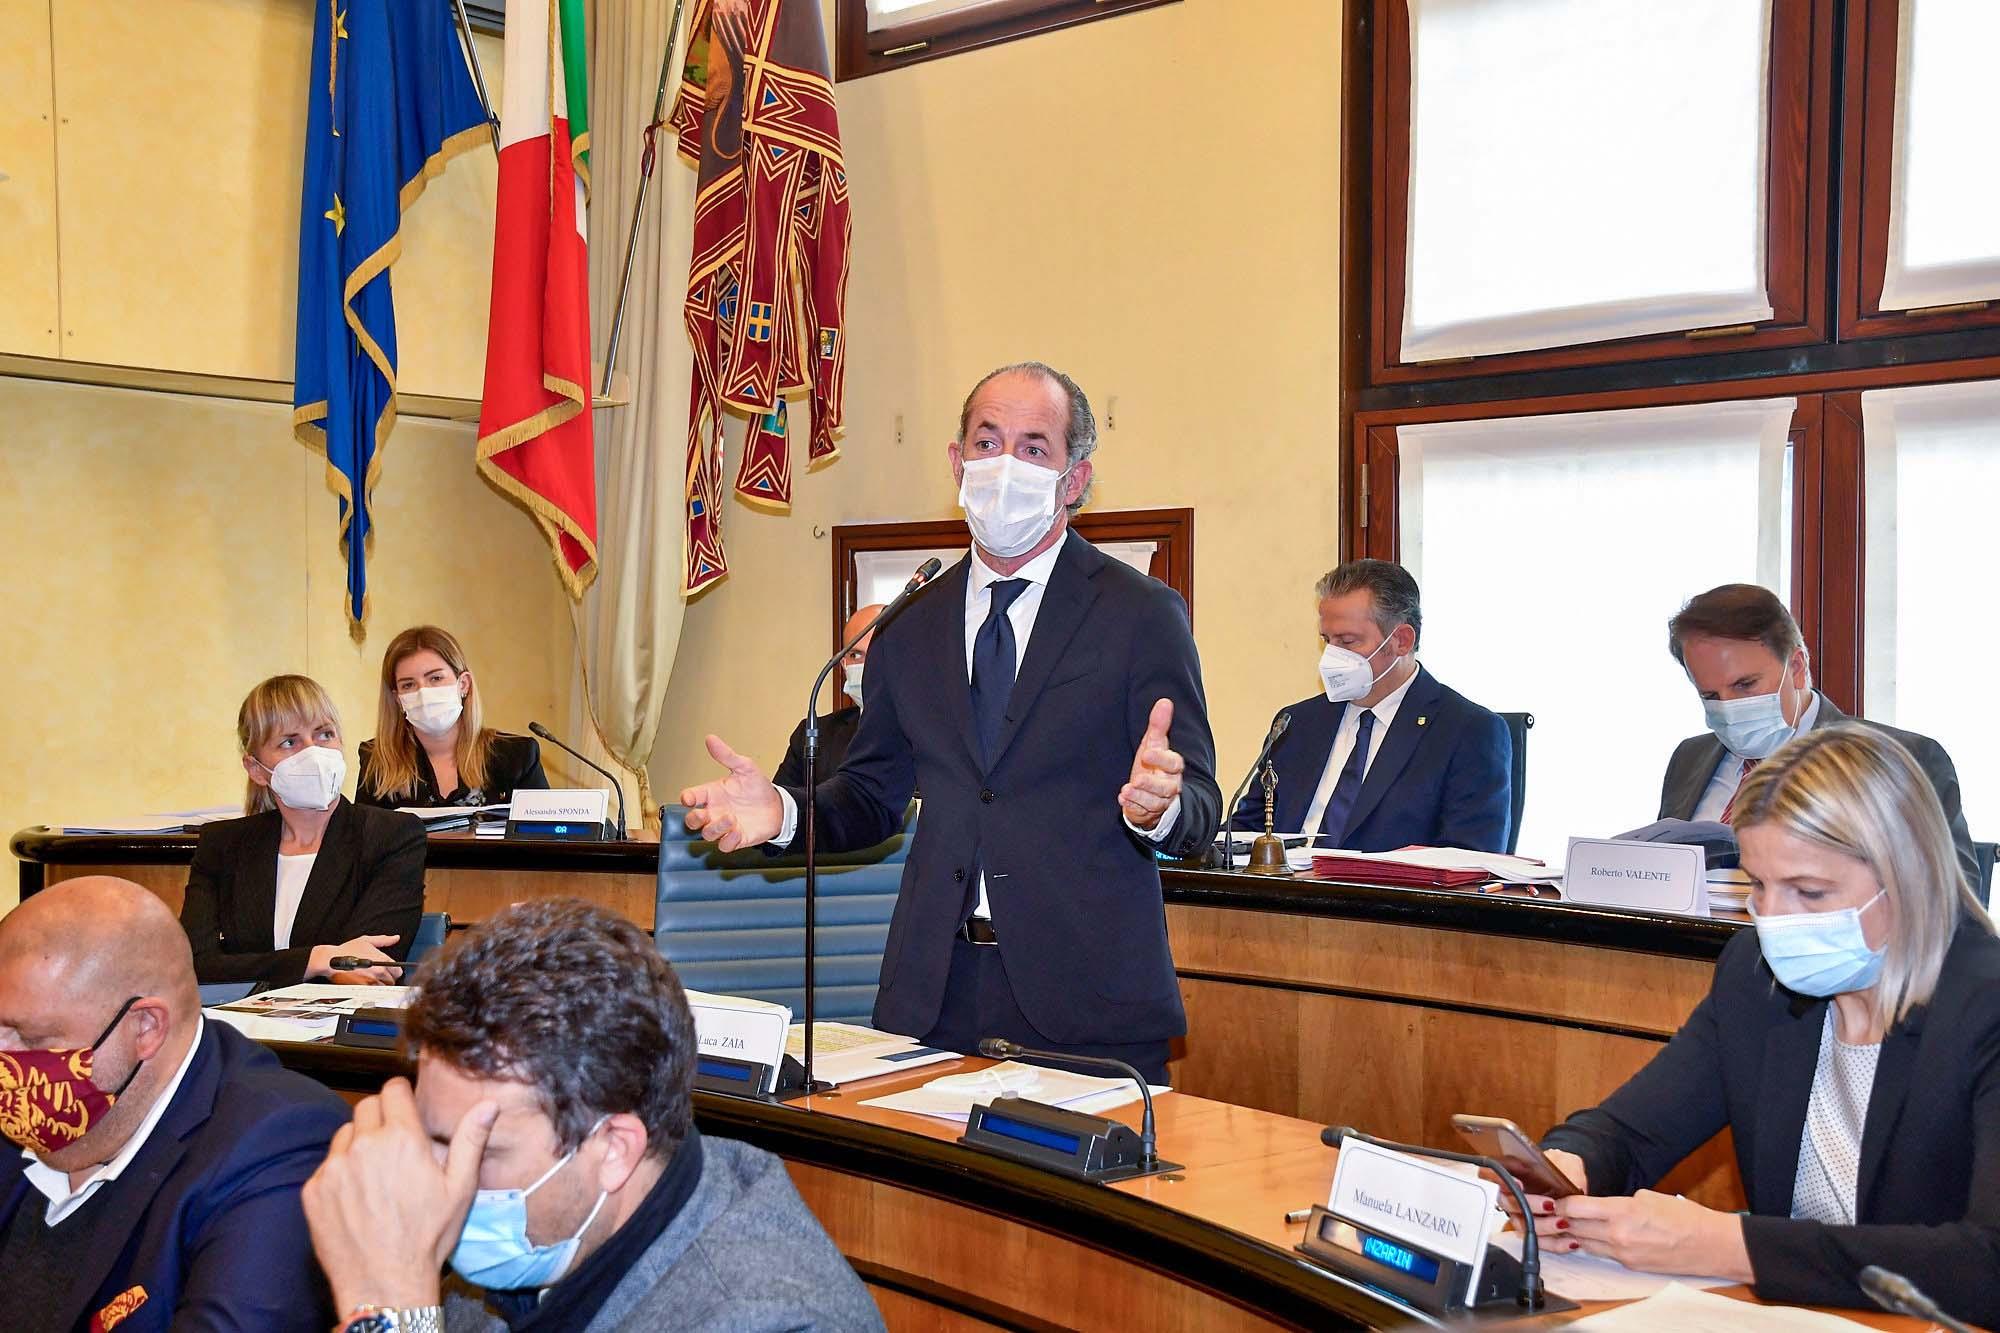 Zaia Presenta In Consiglio Regionale La Nuova Giunta Del Veneto Il Nordest Quotidiano